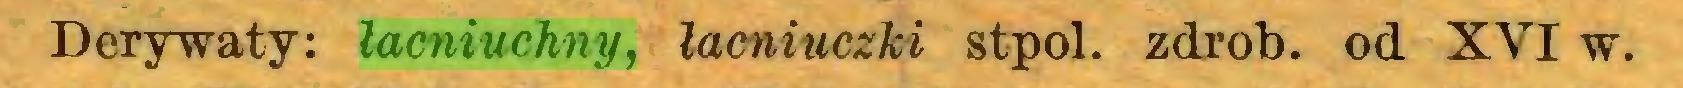 (...) Derywaty: łacniuchny, lacniuczki stpol. zdrob. od XVI w...